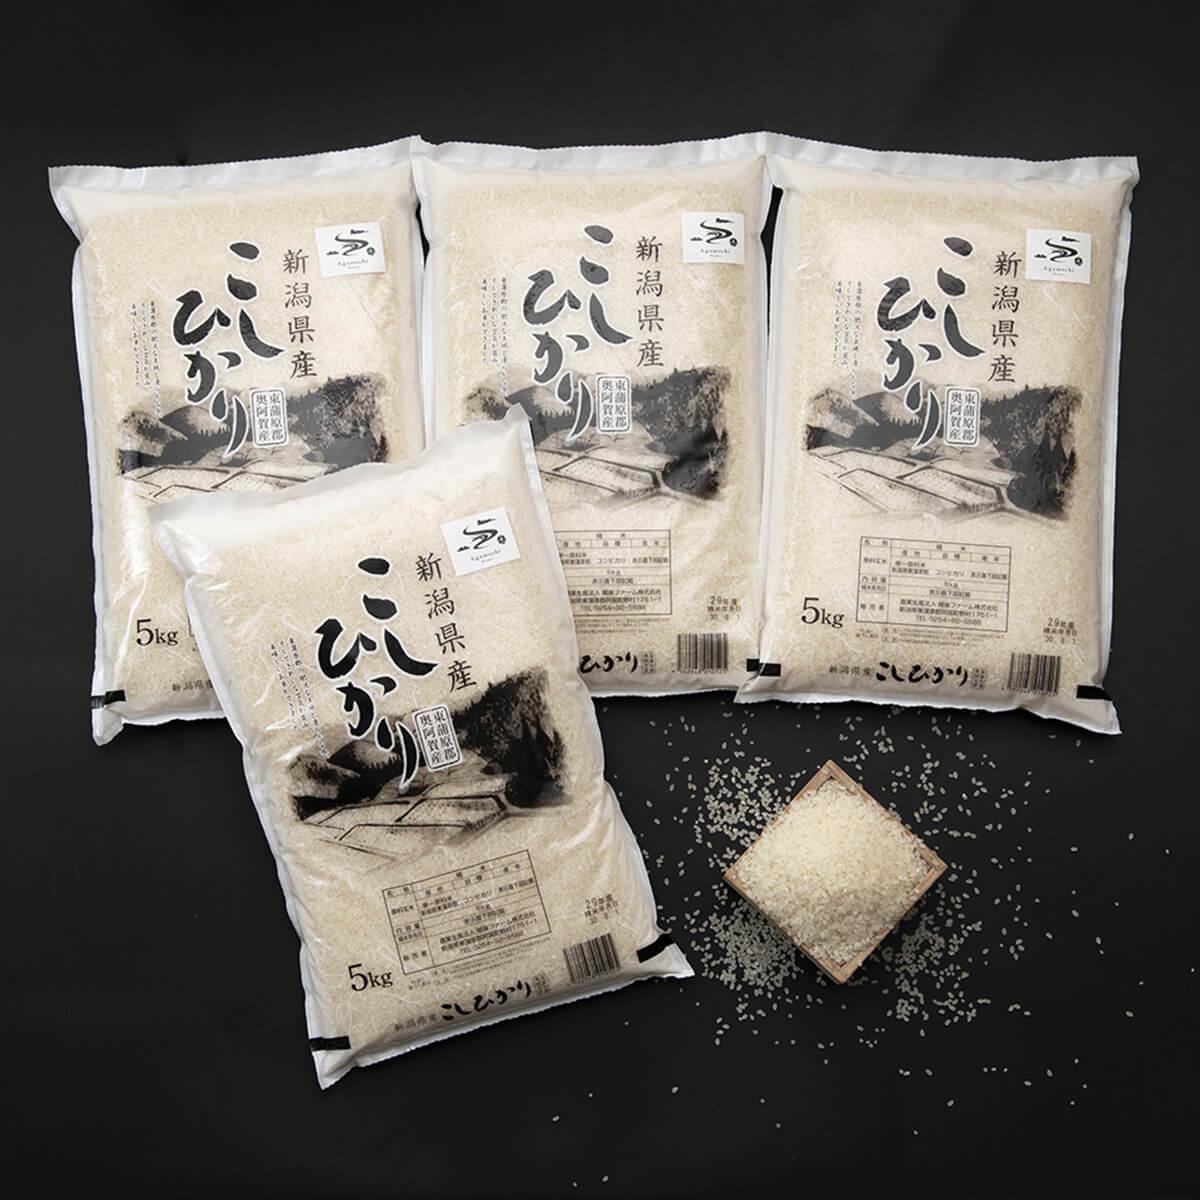 【ふるさと納税】新潟県奥阿賀産こしひかり20kg(5kg×4袋)